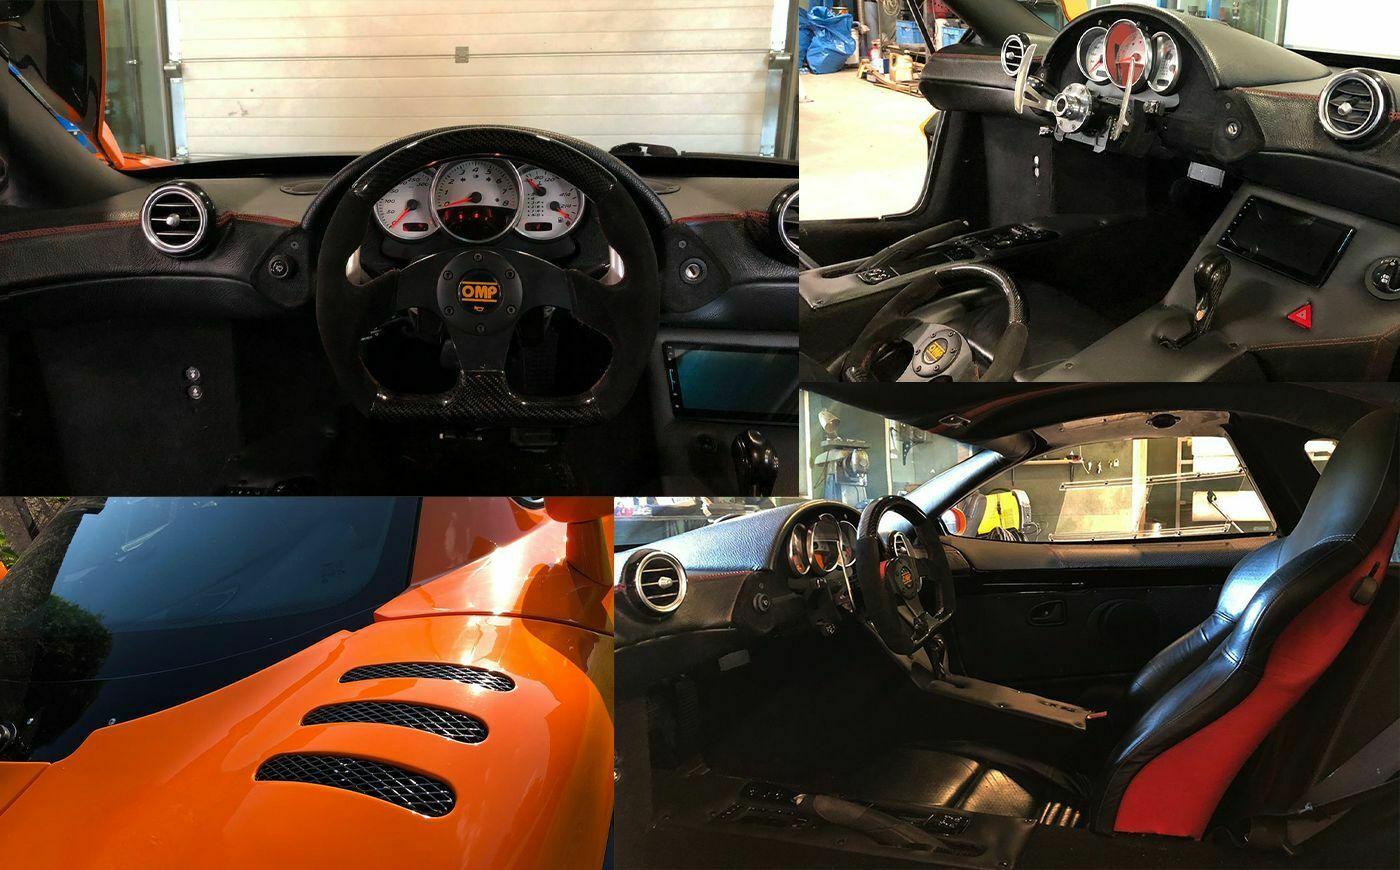 McLaren-F1-Porsche-Boxster-replica-9